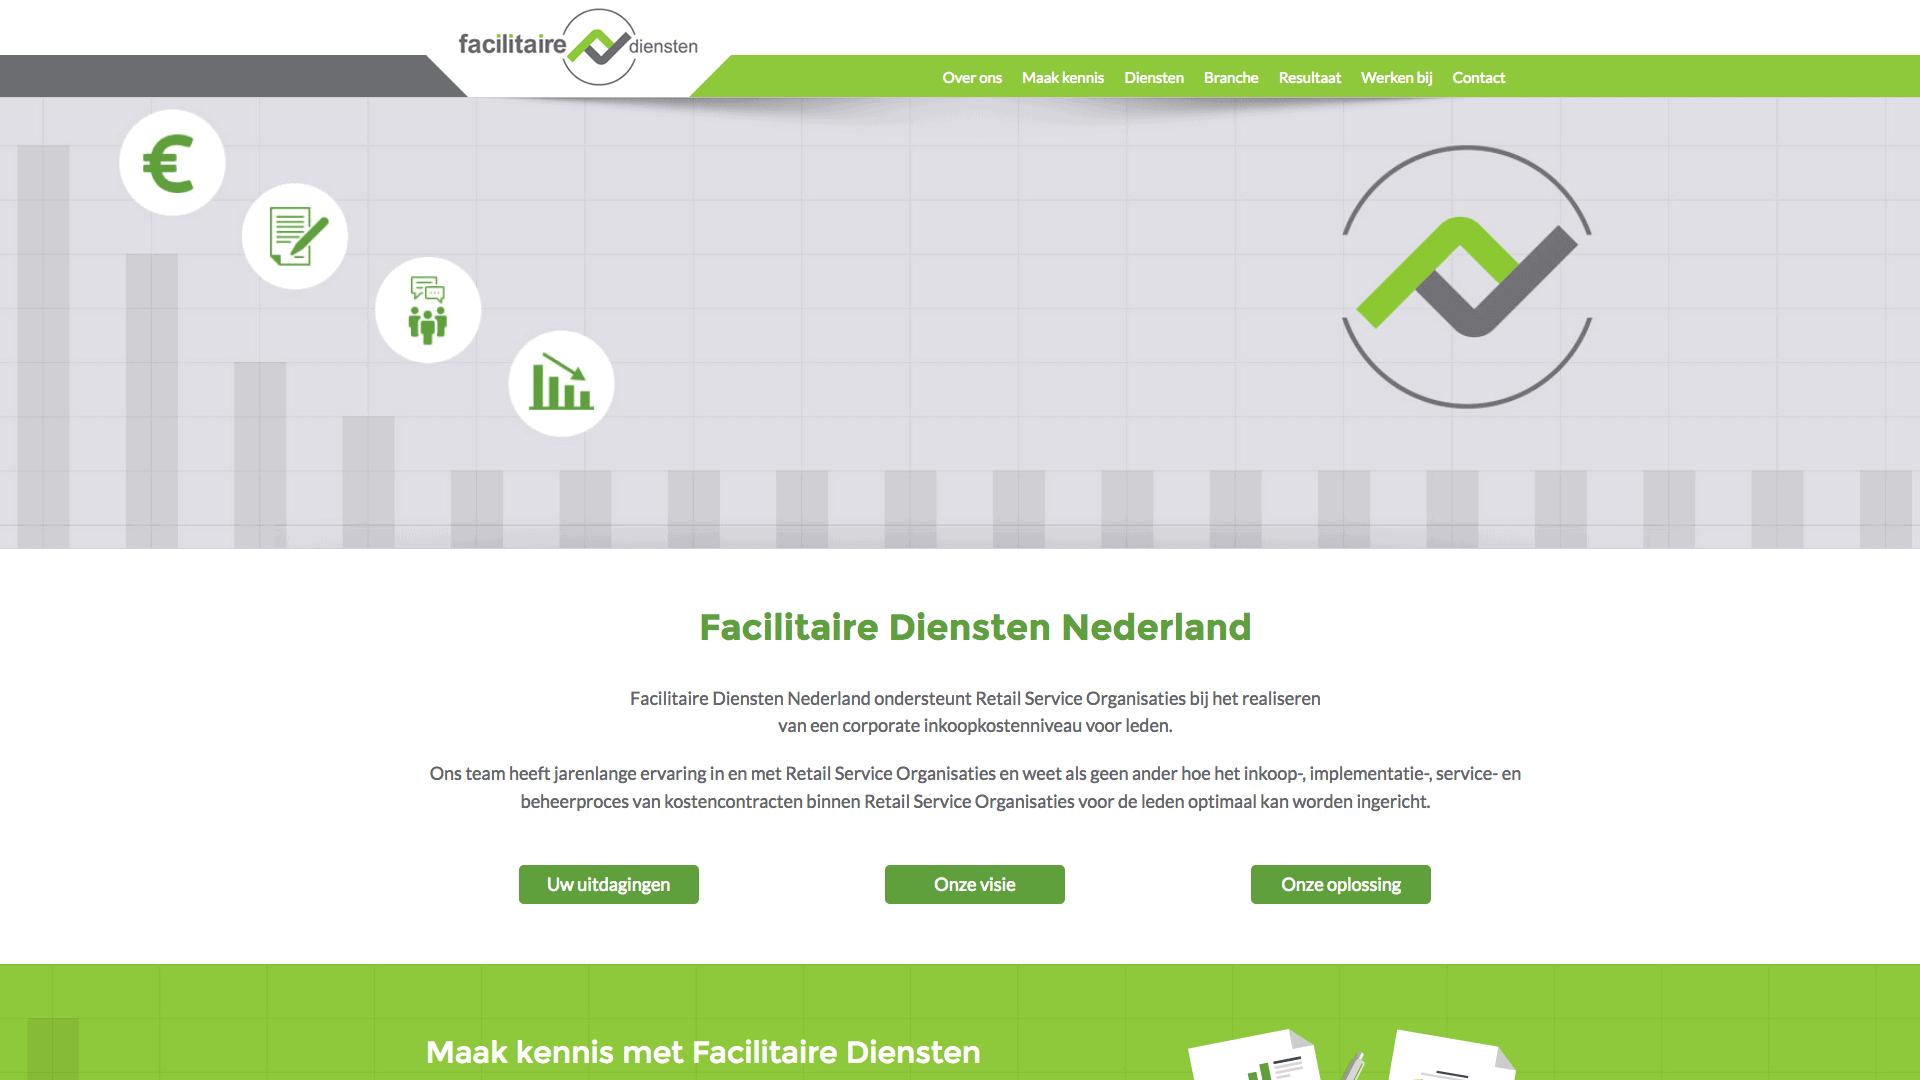 Facilitaire Diensten Nederland